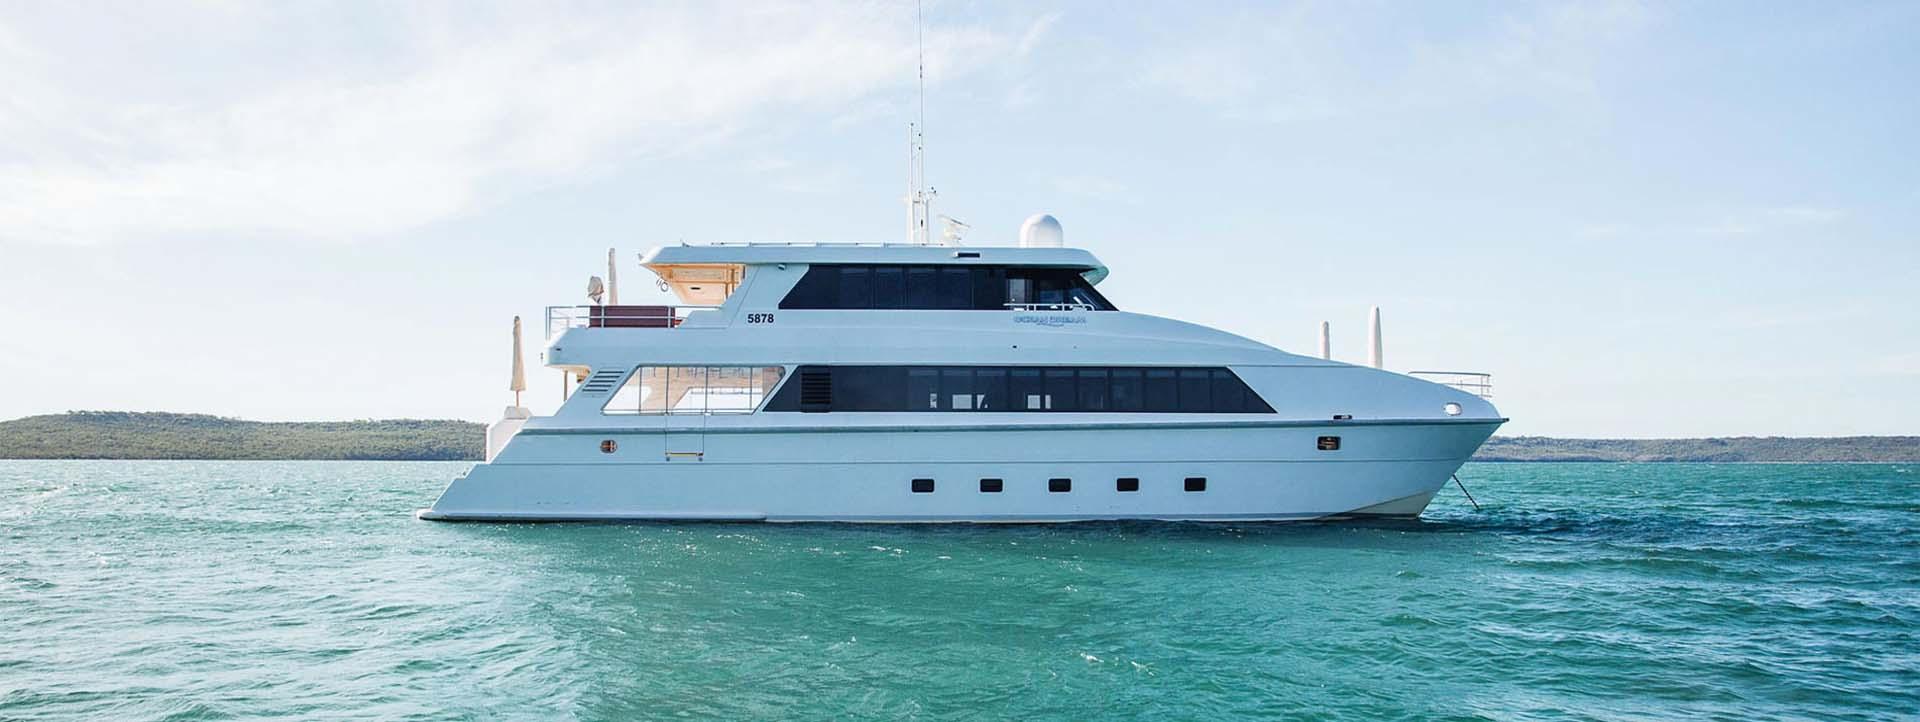 OCEAN-DREAM-side-profile-on-water-charters-WA